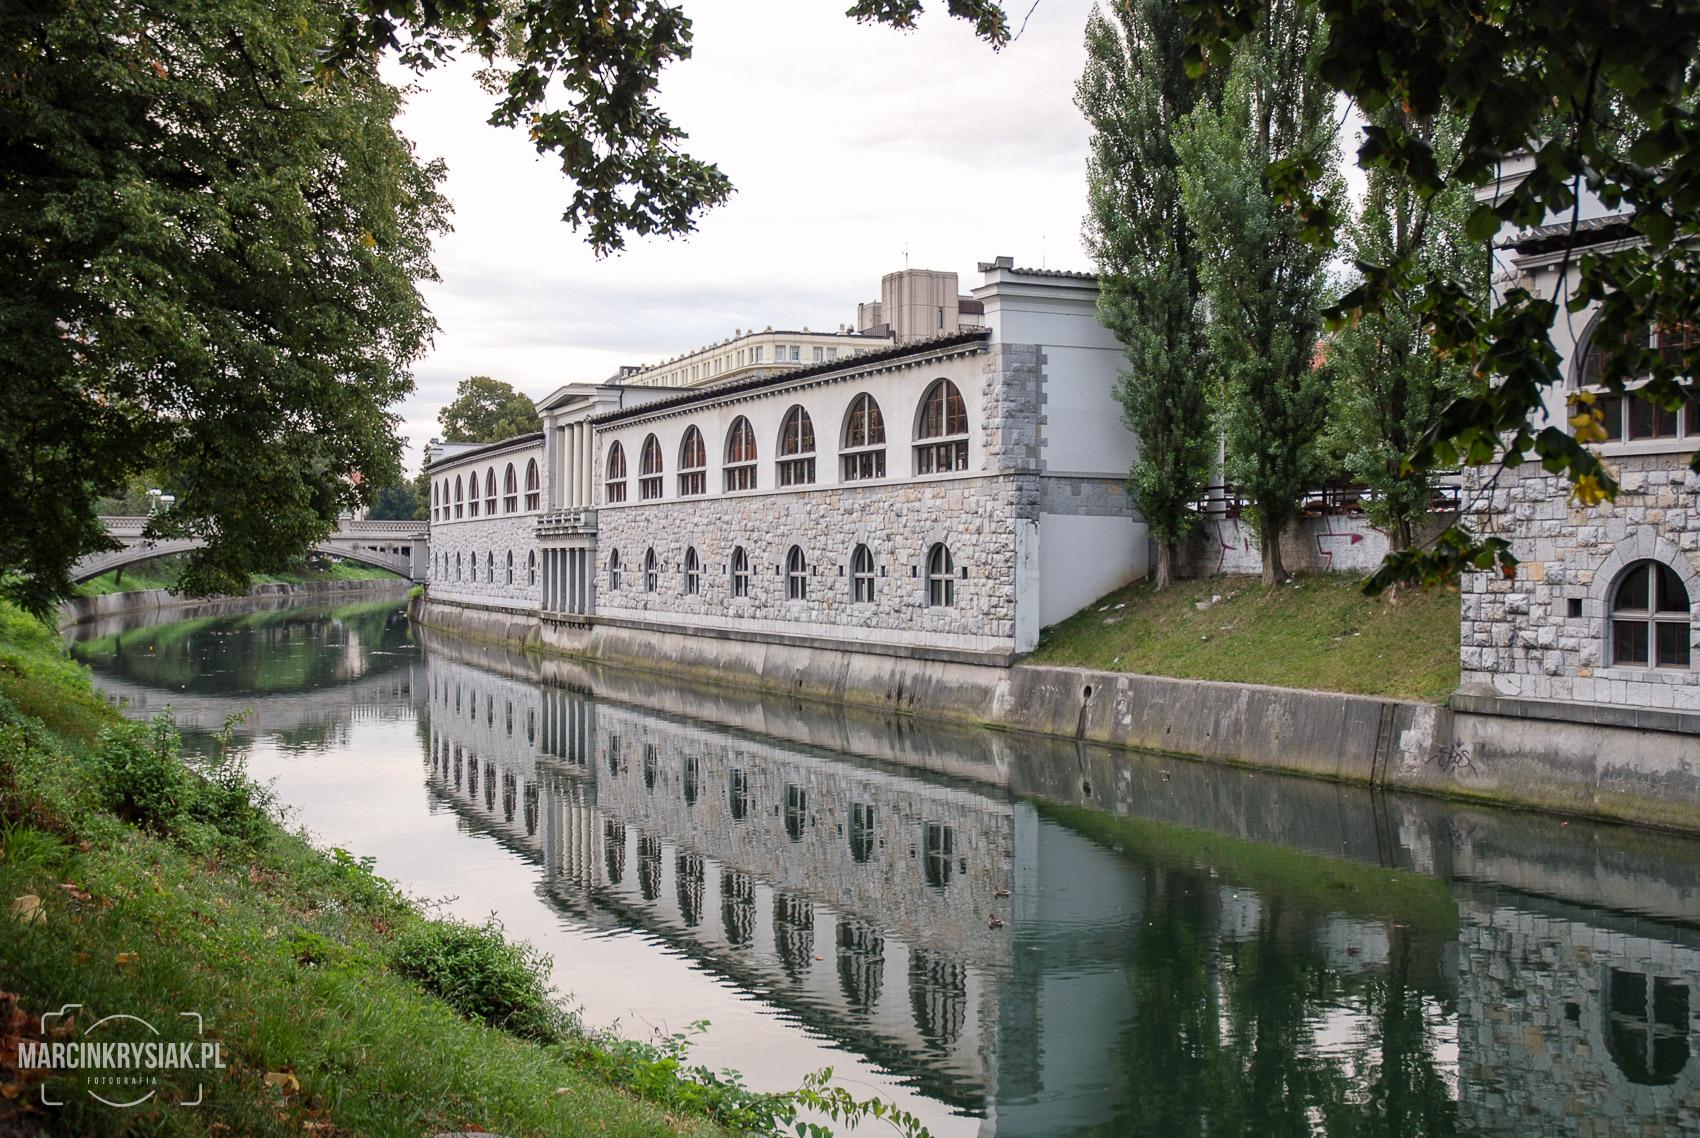 miasto, woda, Lubljana, Słowenia, stolica, drzewa